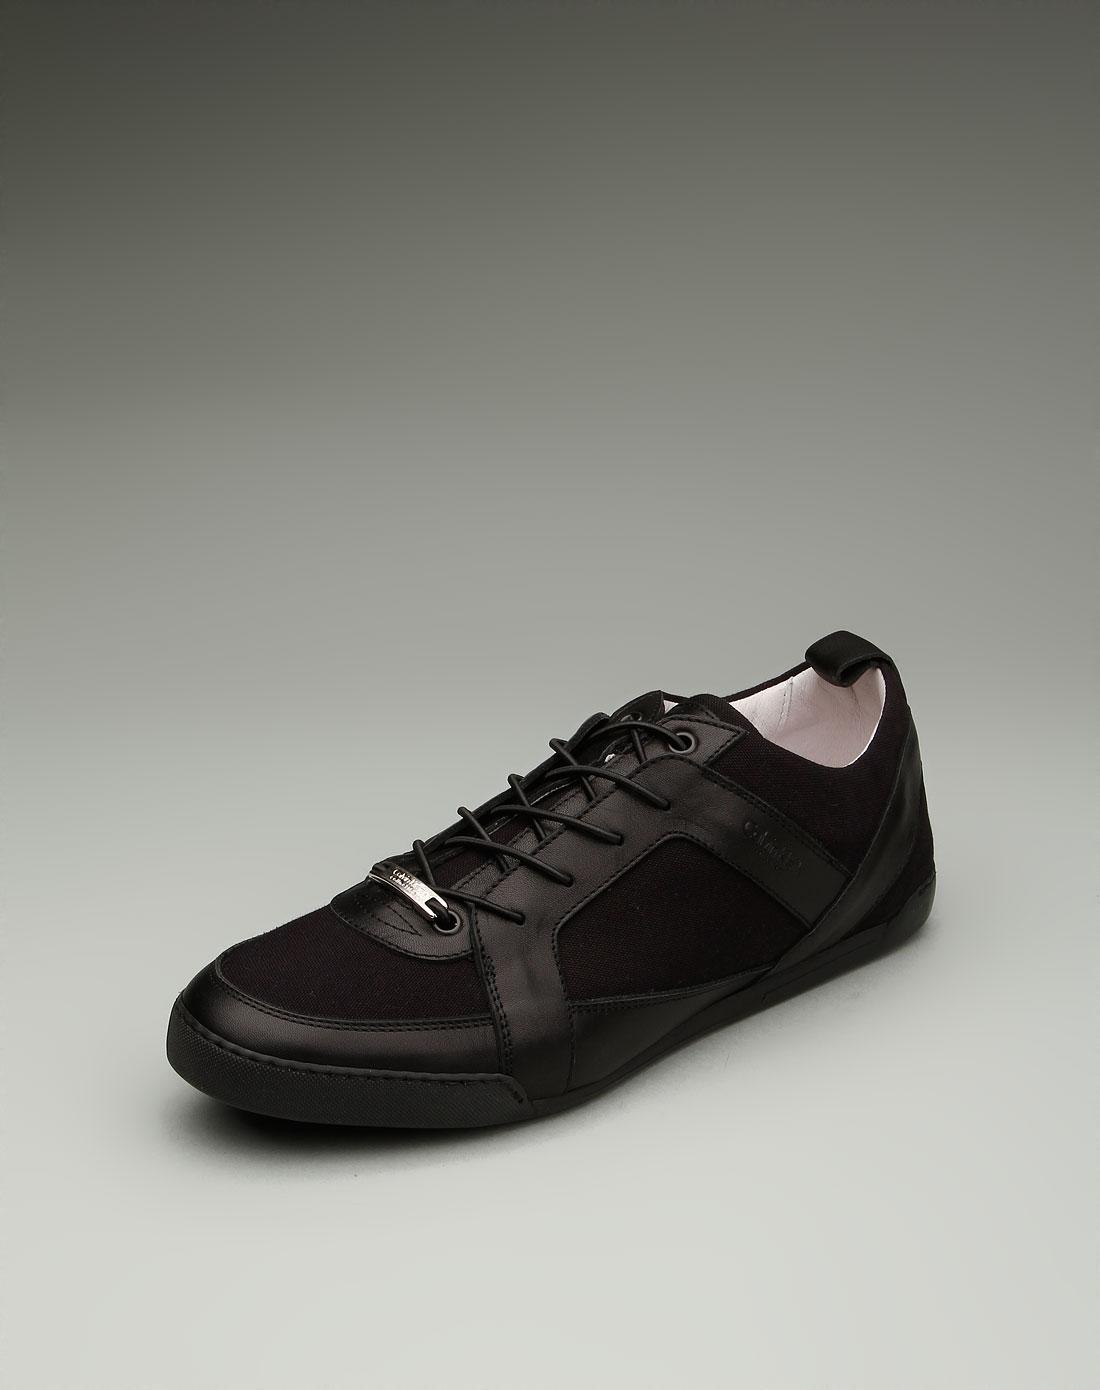 男款个性时尚系鞋带平底鞋黑色